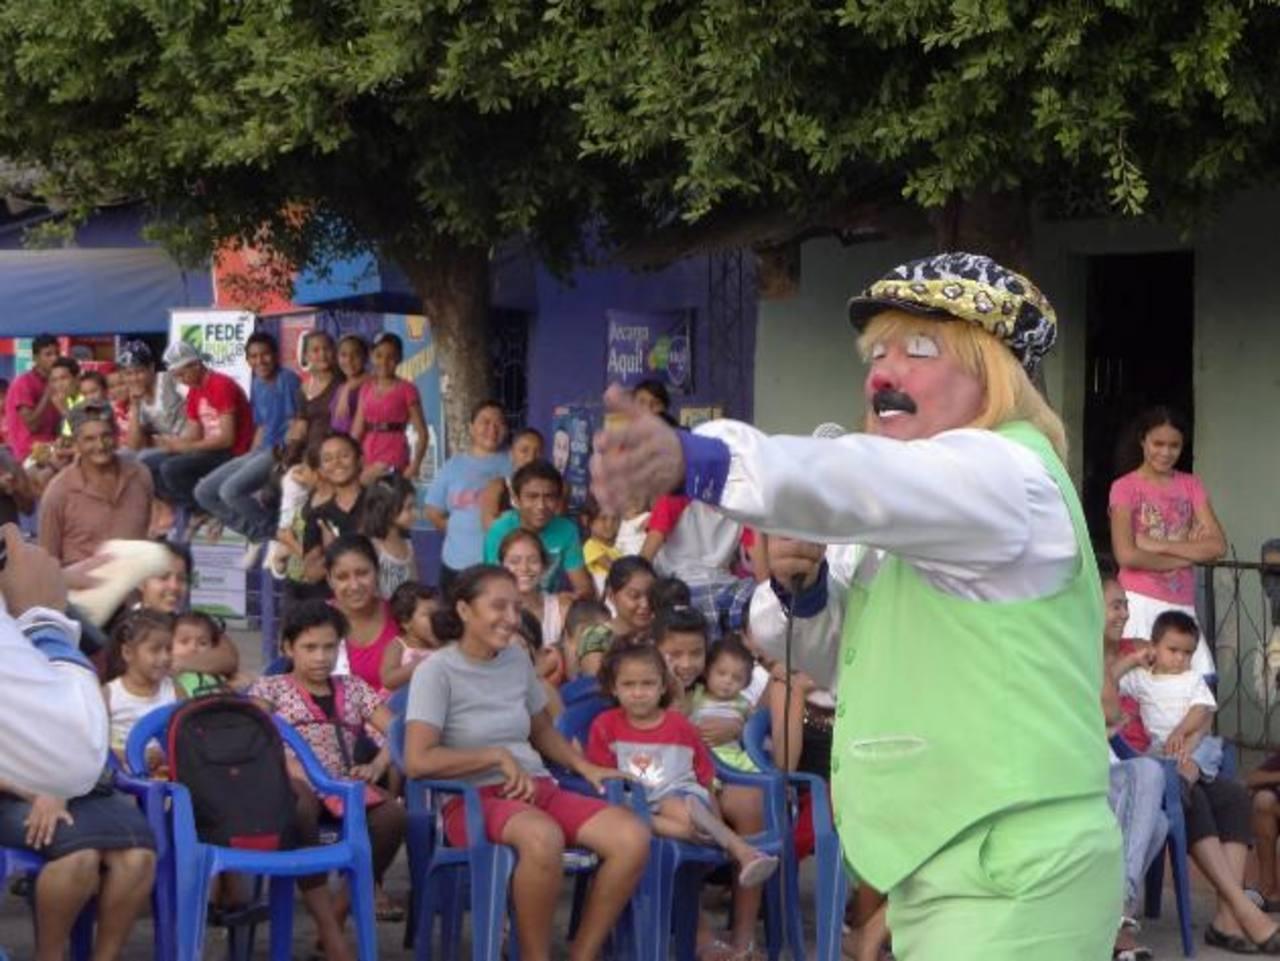 Pizarrín comenzó el espectáculo de valores el año pasado en Usulután. En cada visita gozaron niños y adultos. Foto edh/cortesiaLos juegos mecánicos ya fueron instalados en el campo de la feria. foto edh/Lucinda Quintanilla